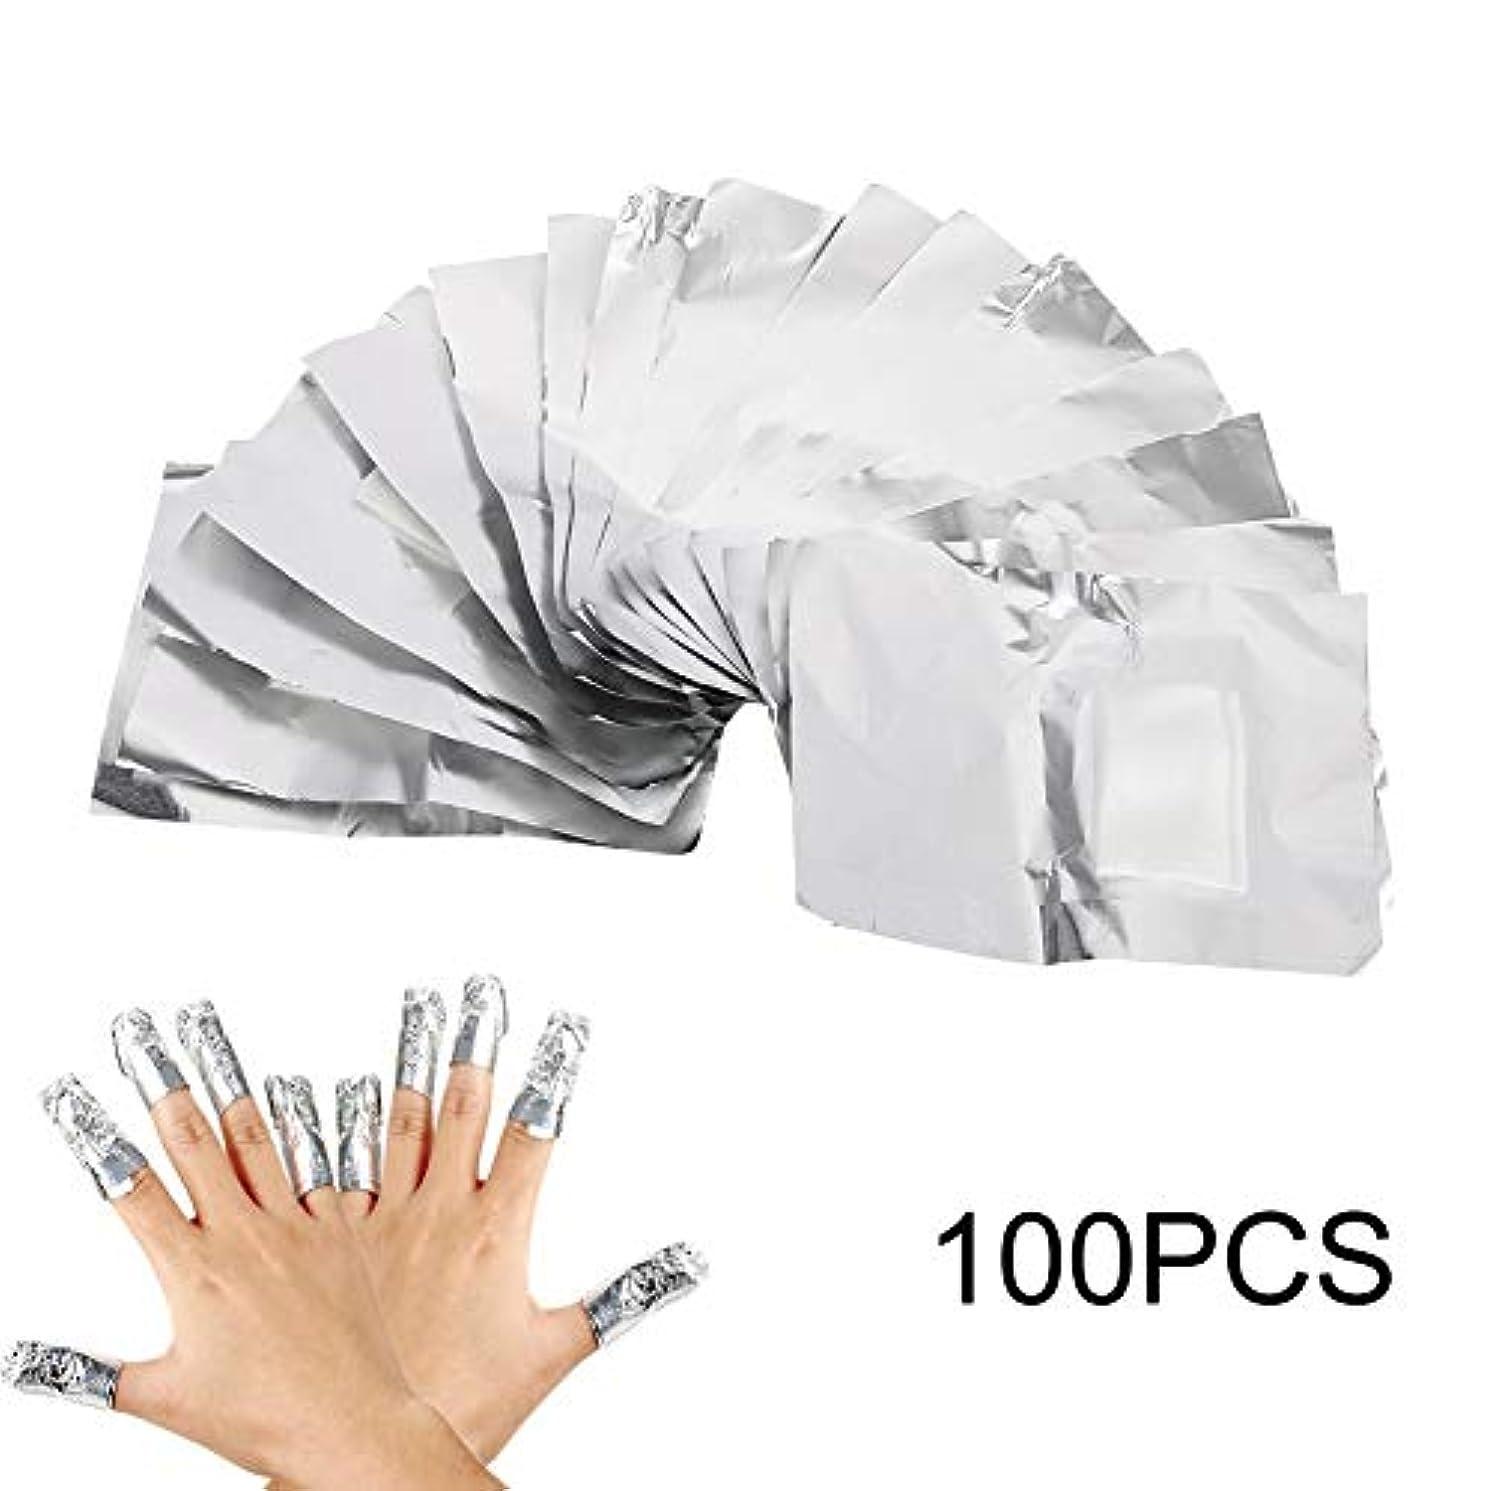 相続人葉全員ネイル除去ホイルラップ 100ピース プロアルミホイルジェルポリッシュ除去ネイルアートリムーバーソークオフジェルラップ